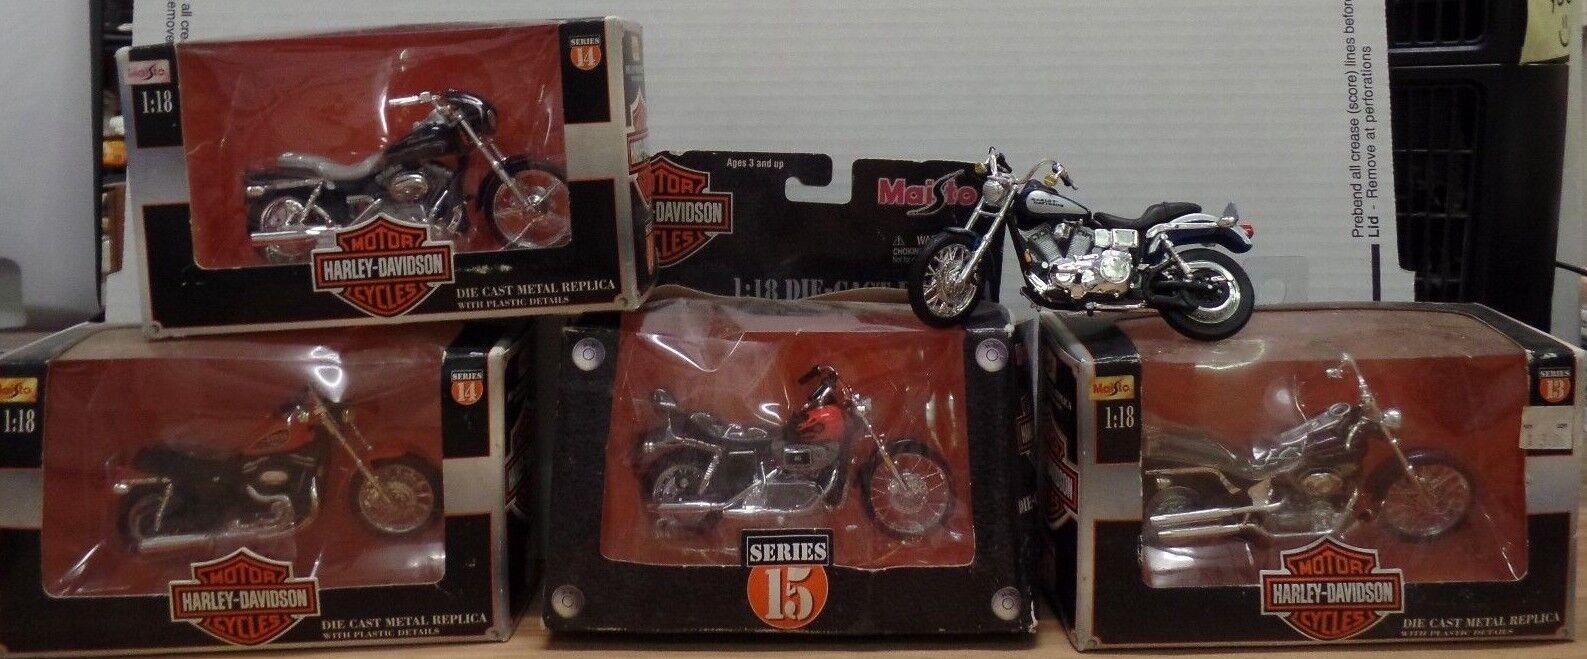 Harley Davidson 1 18 Escala Maisto Die-cast Harley Davidsons Lote de 5 060418DBT